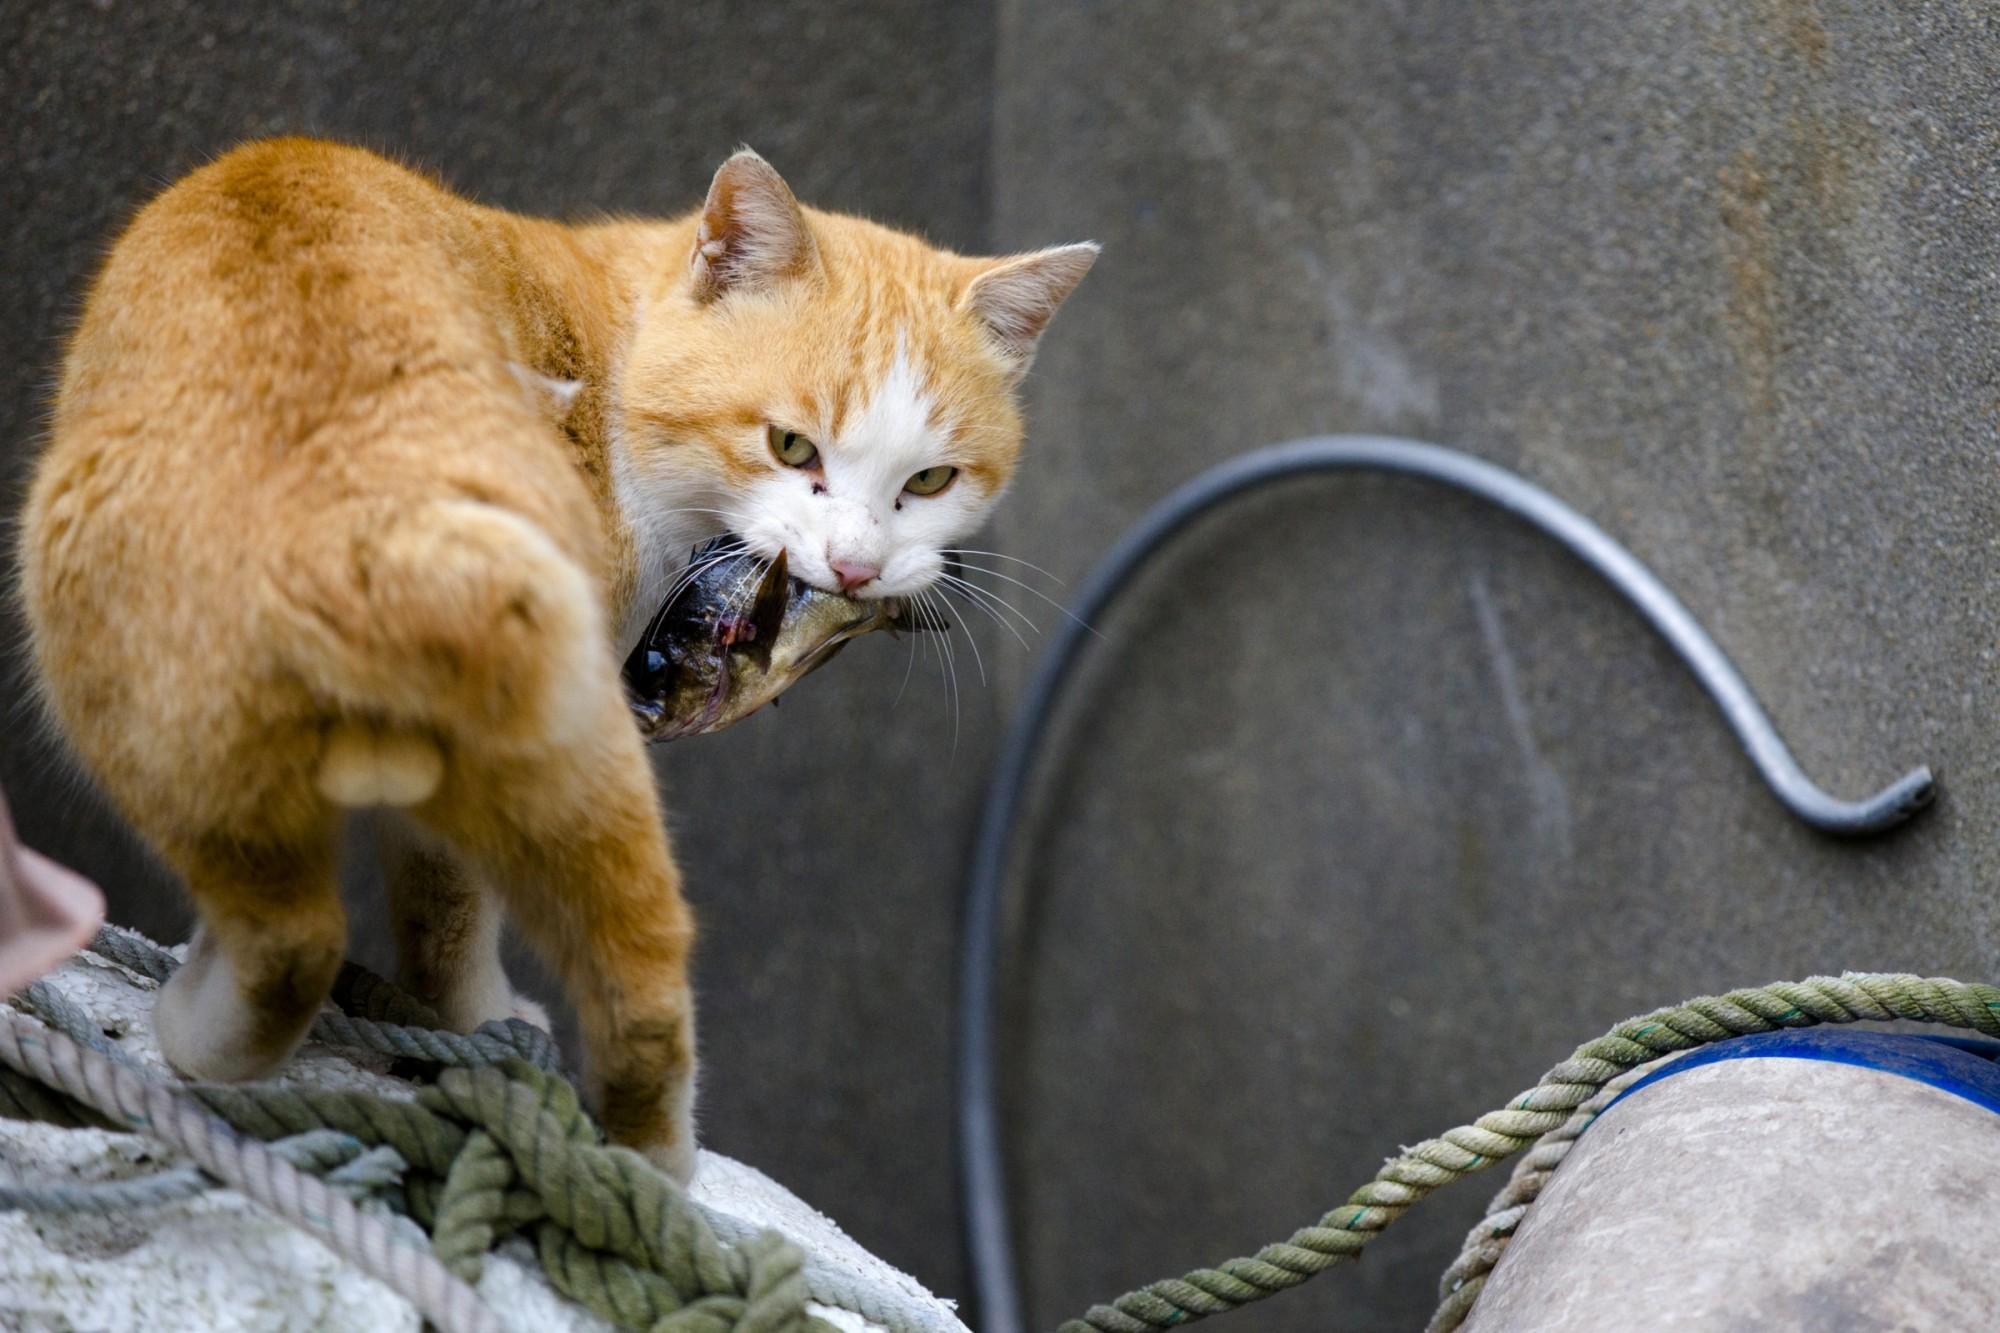 必 去 的 5 個 貓 島 | 圖 片 來 自 : skaties.lv/